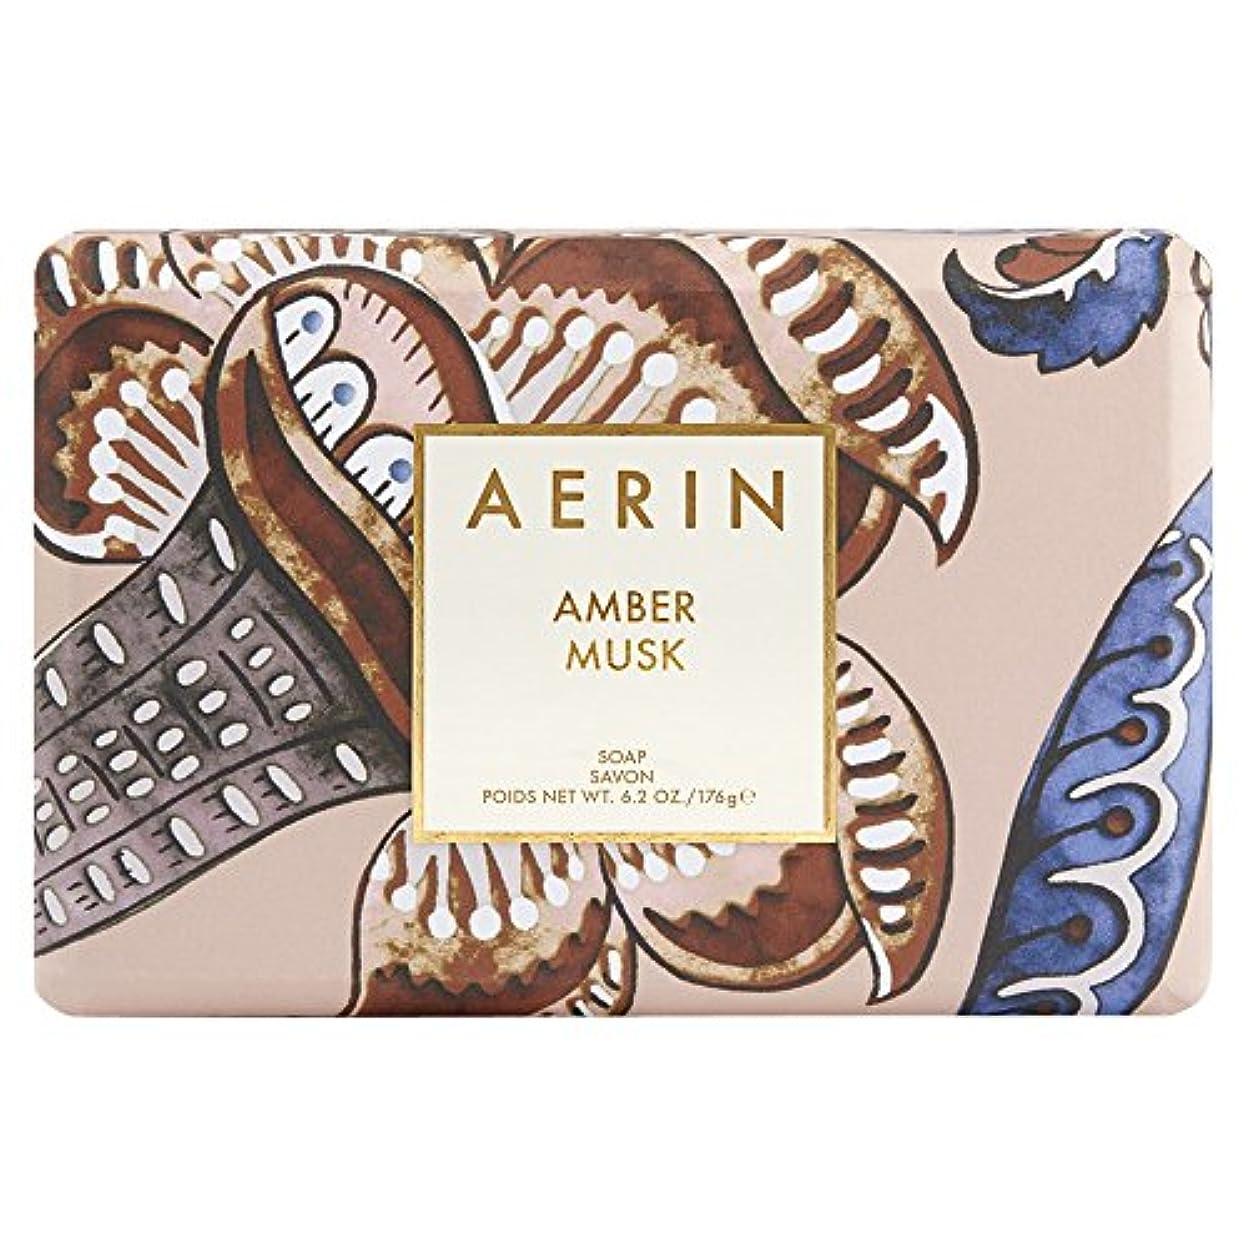 息切れタイピストローブAerinアンバームスクソープ176グラム (AERIN) (x2) - AERIN Amber Musk Soap 176g (Pack of 2) [並行輸入品]